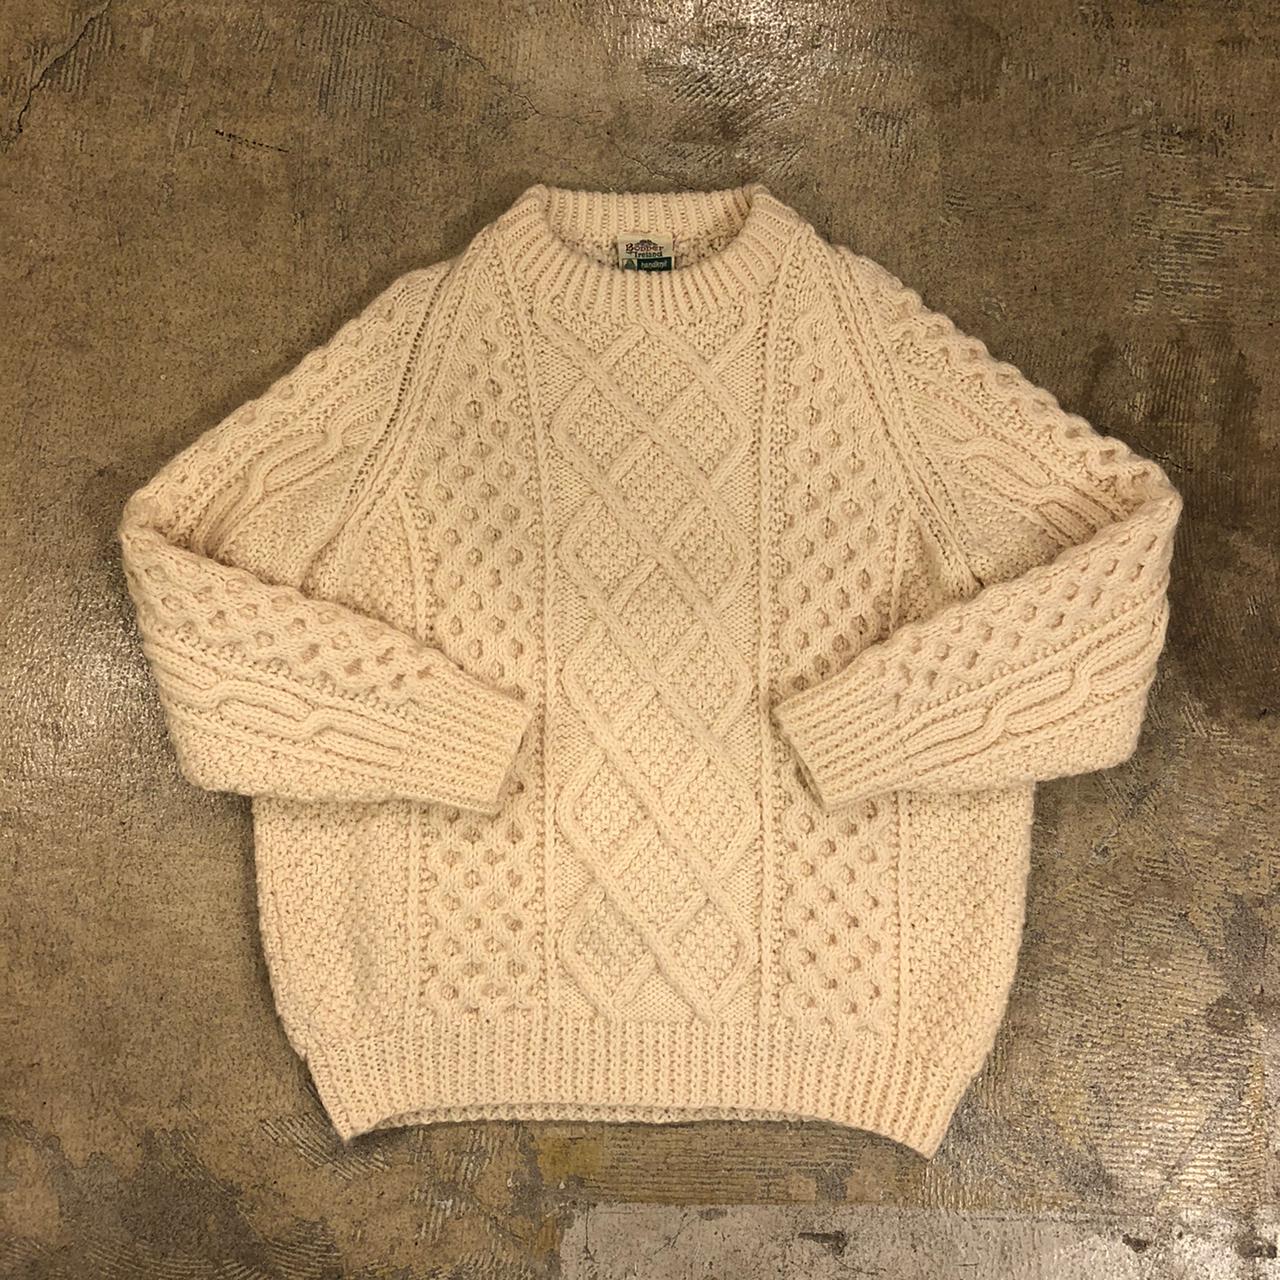 Bonner Hand Knit Sweater ¥11,000+tax